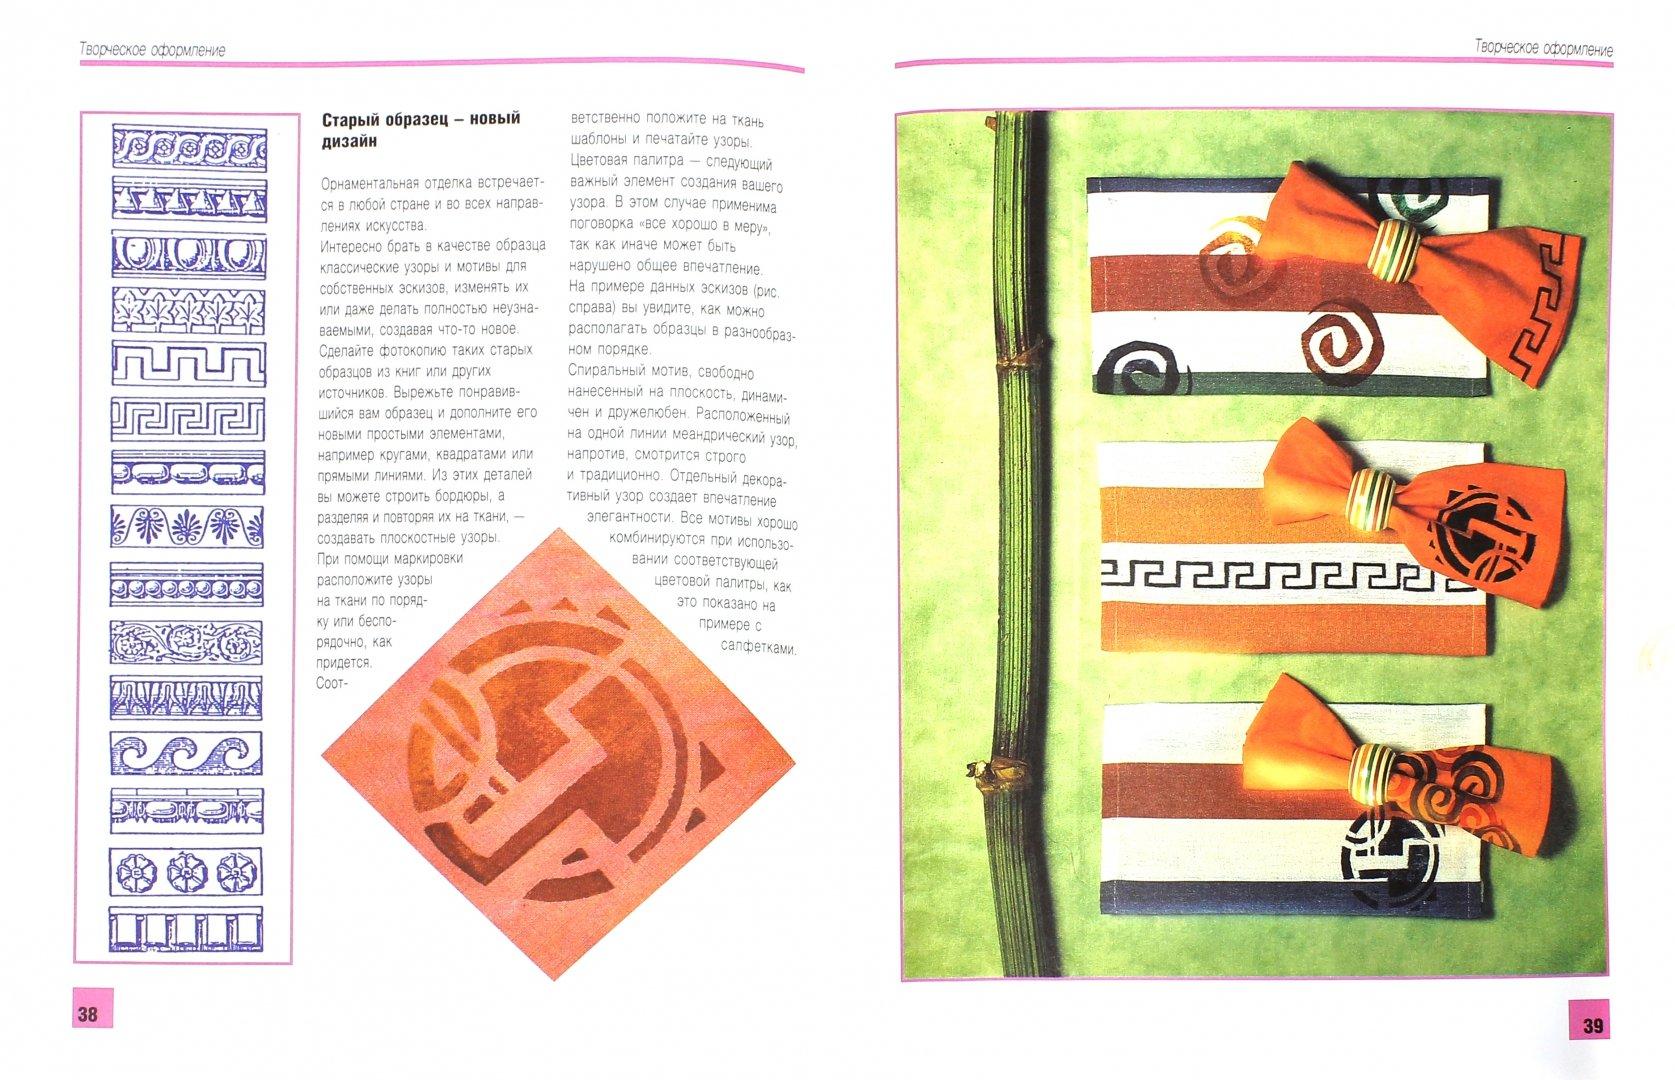 Иллюстрация 1 из 11 для Ткань и краска. Шаблоны, окраска, печать - Траудэл Хартэл | Лабиринт - книги. Источник: Лабиринт